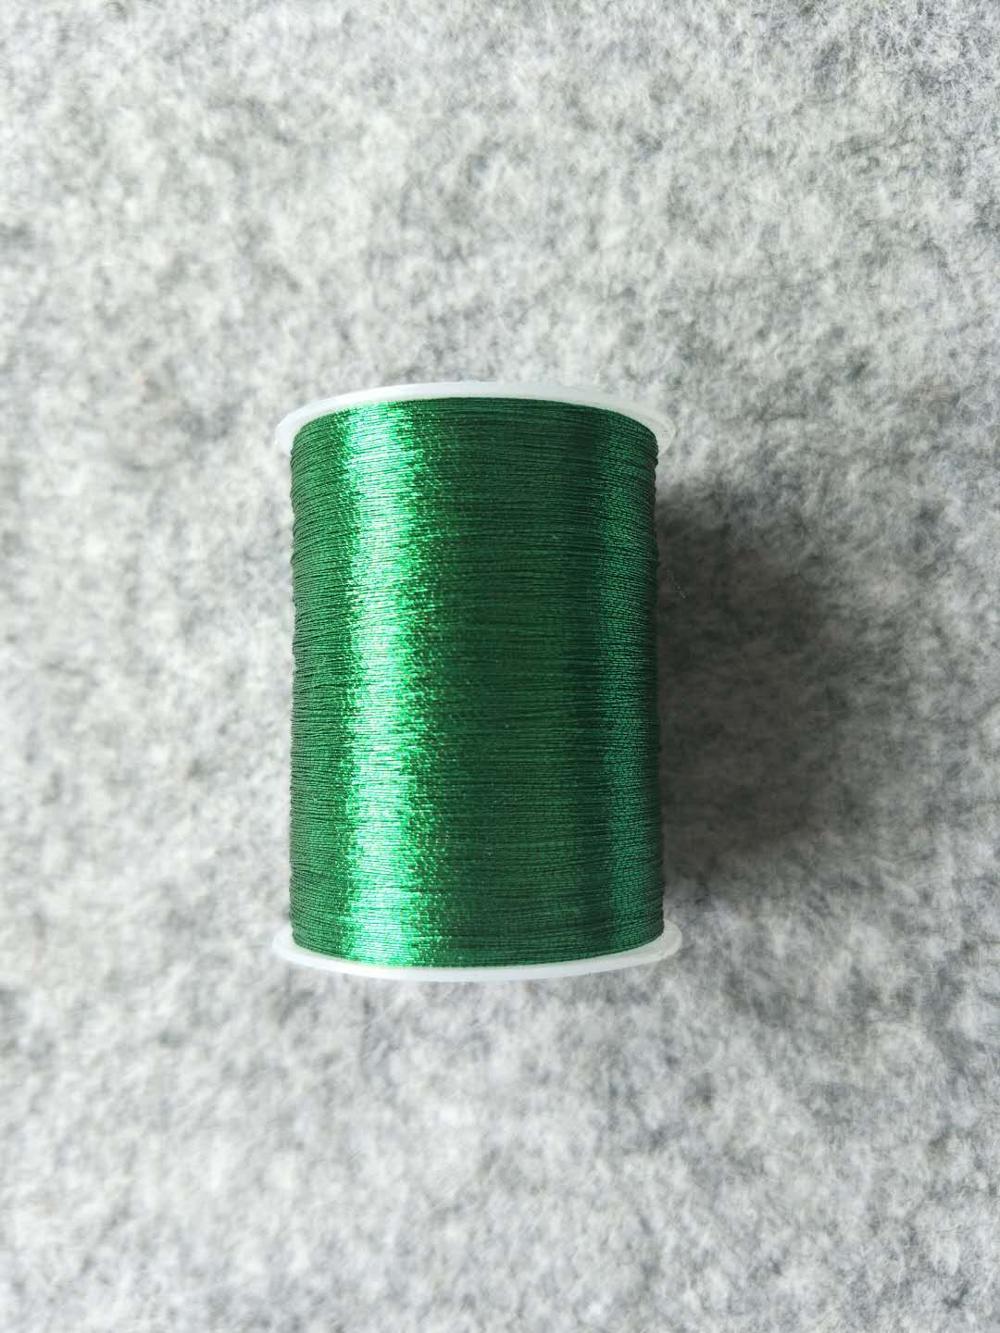 Металлическая нить для вышивки, аксессуары для одежды DIY, основные 15 видов цветов на выбор, нить для шитья, 1 шт - Цвет: green